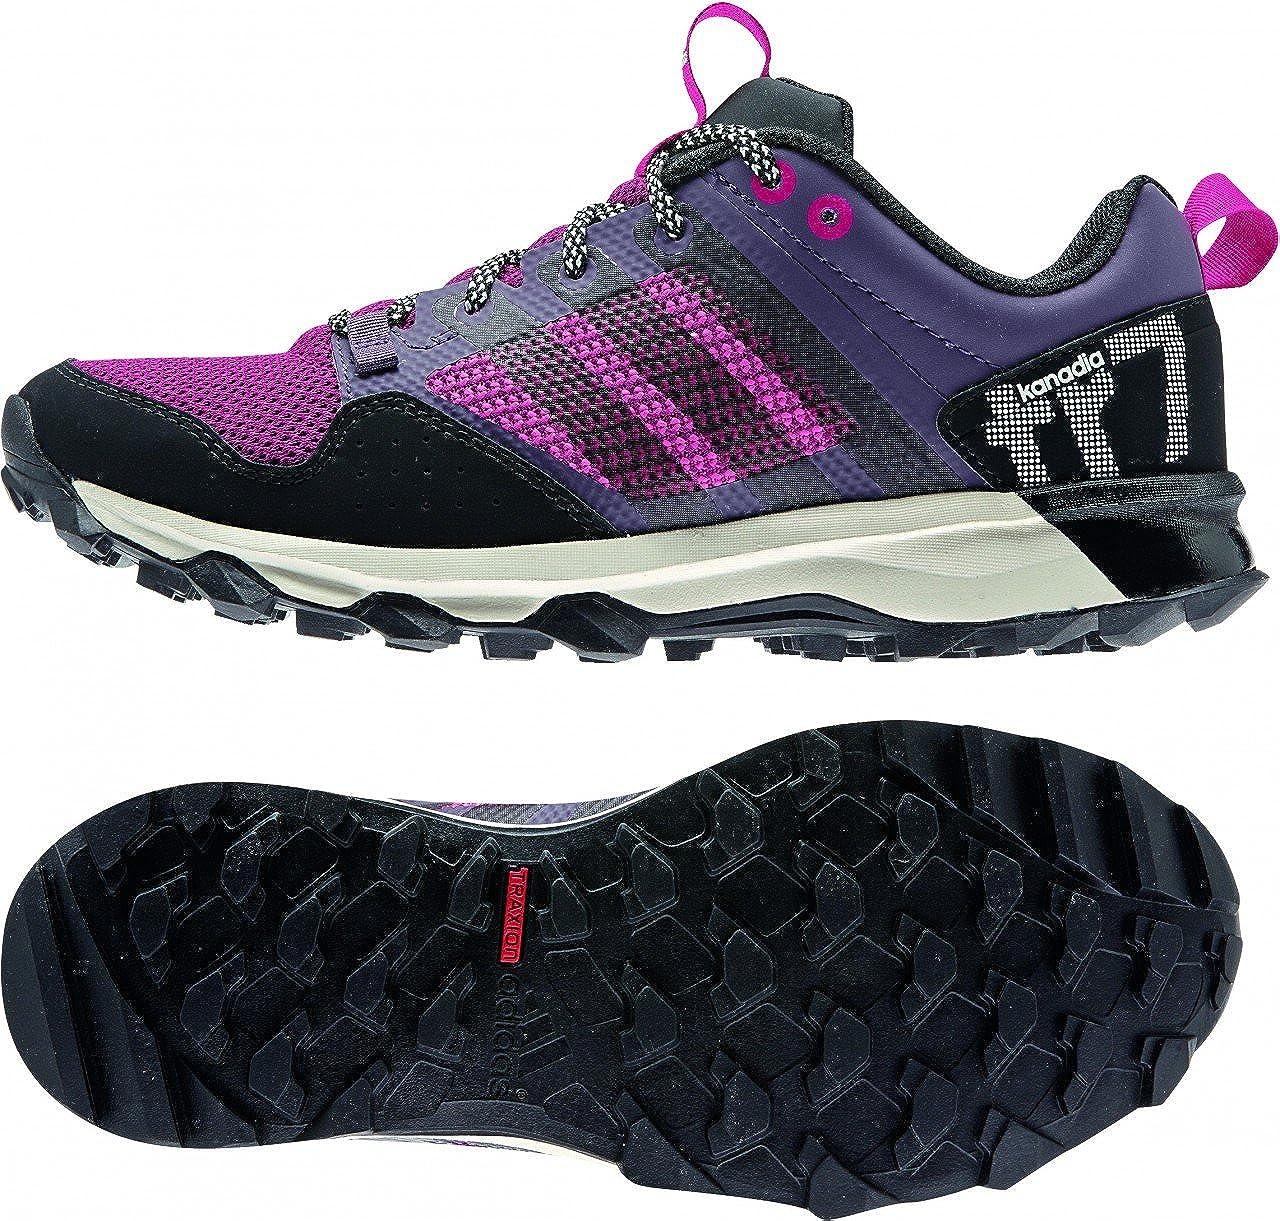 adidas Kanadia 7 TR W - Zapatillas para Mujer, Color Morado/Negro/Rosa, Talla 44 2/3: Amazon.es: Zapatos y complementos